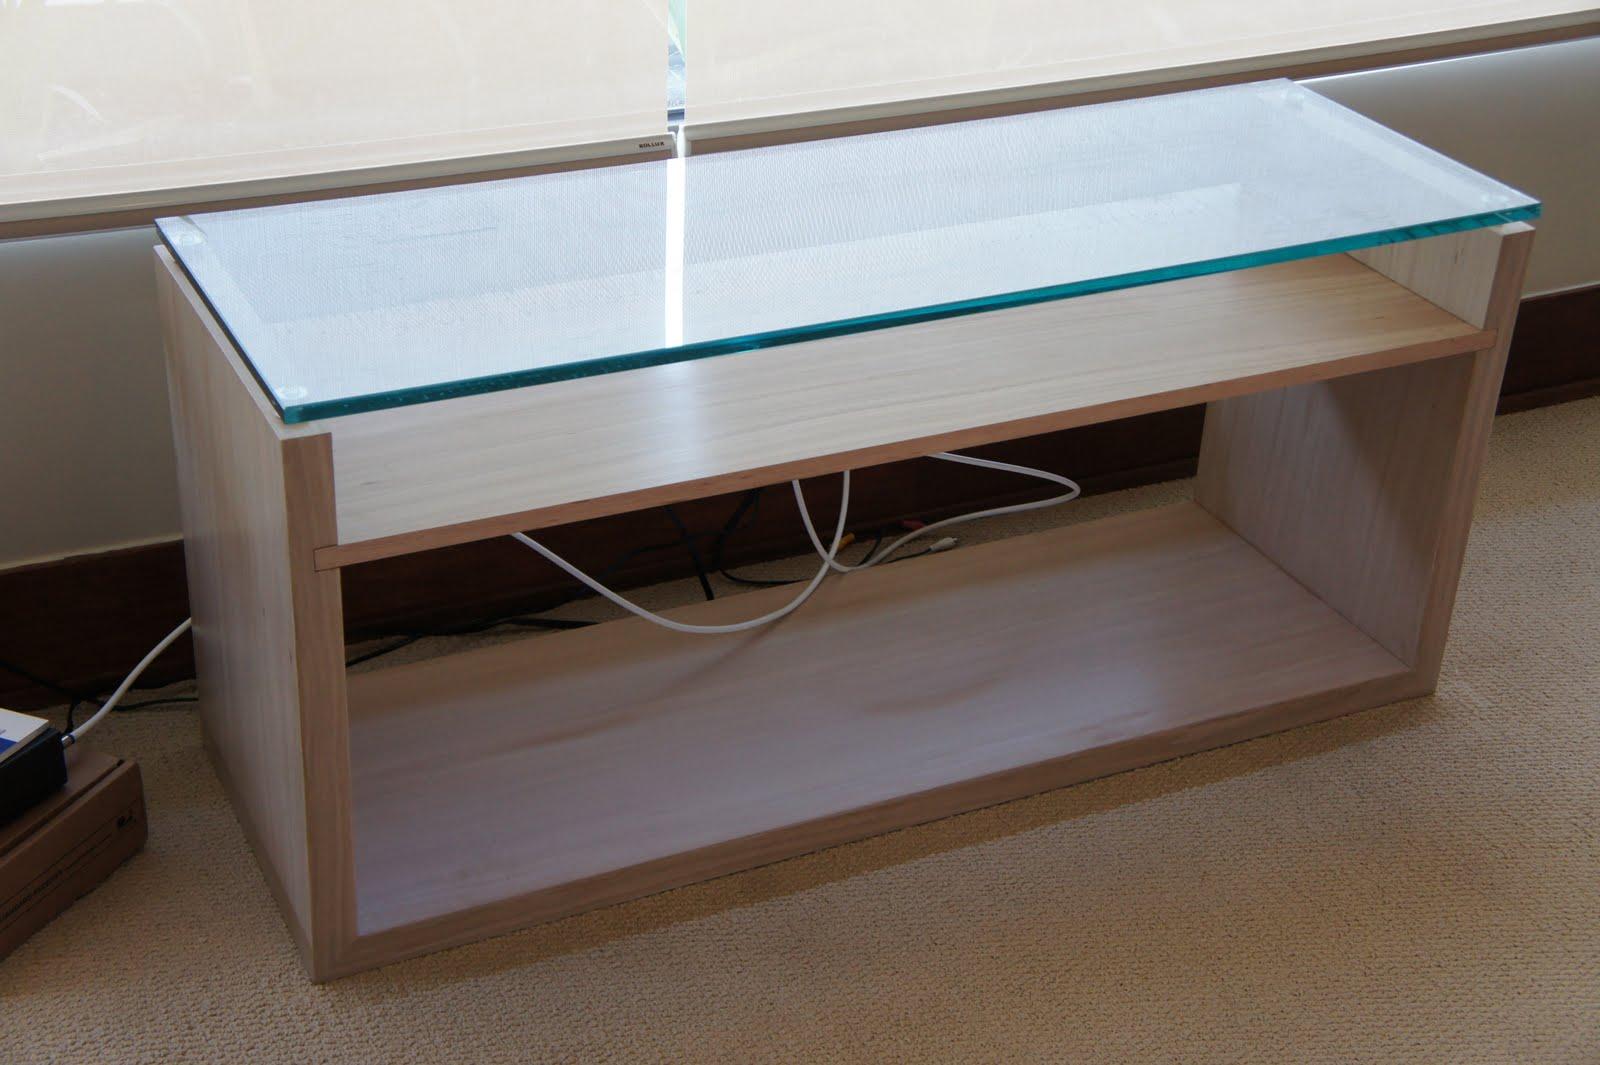 Rack dormitorio muebles sanchez for Muebles sanchez